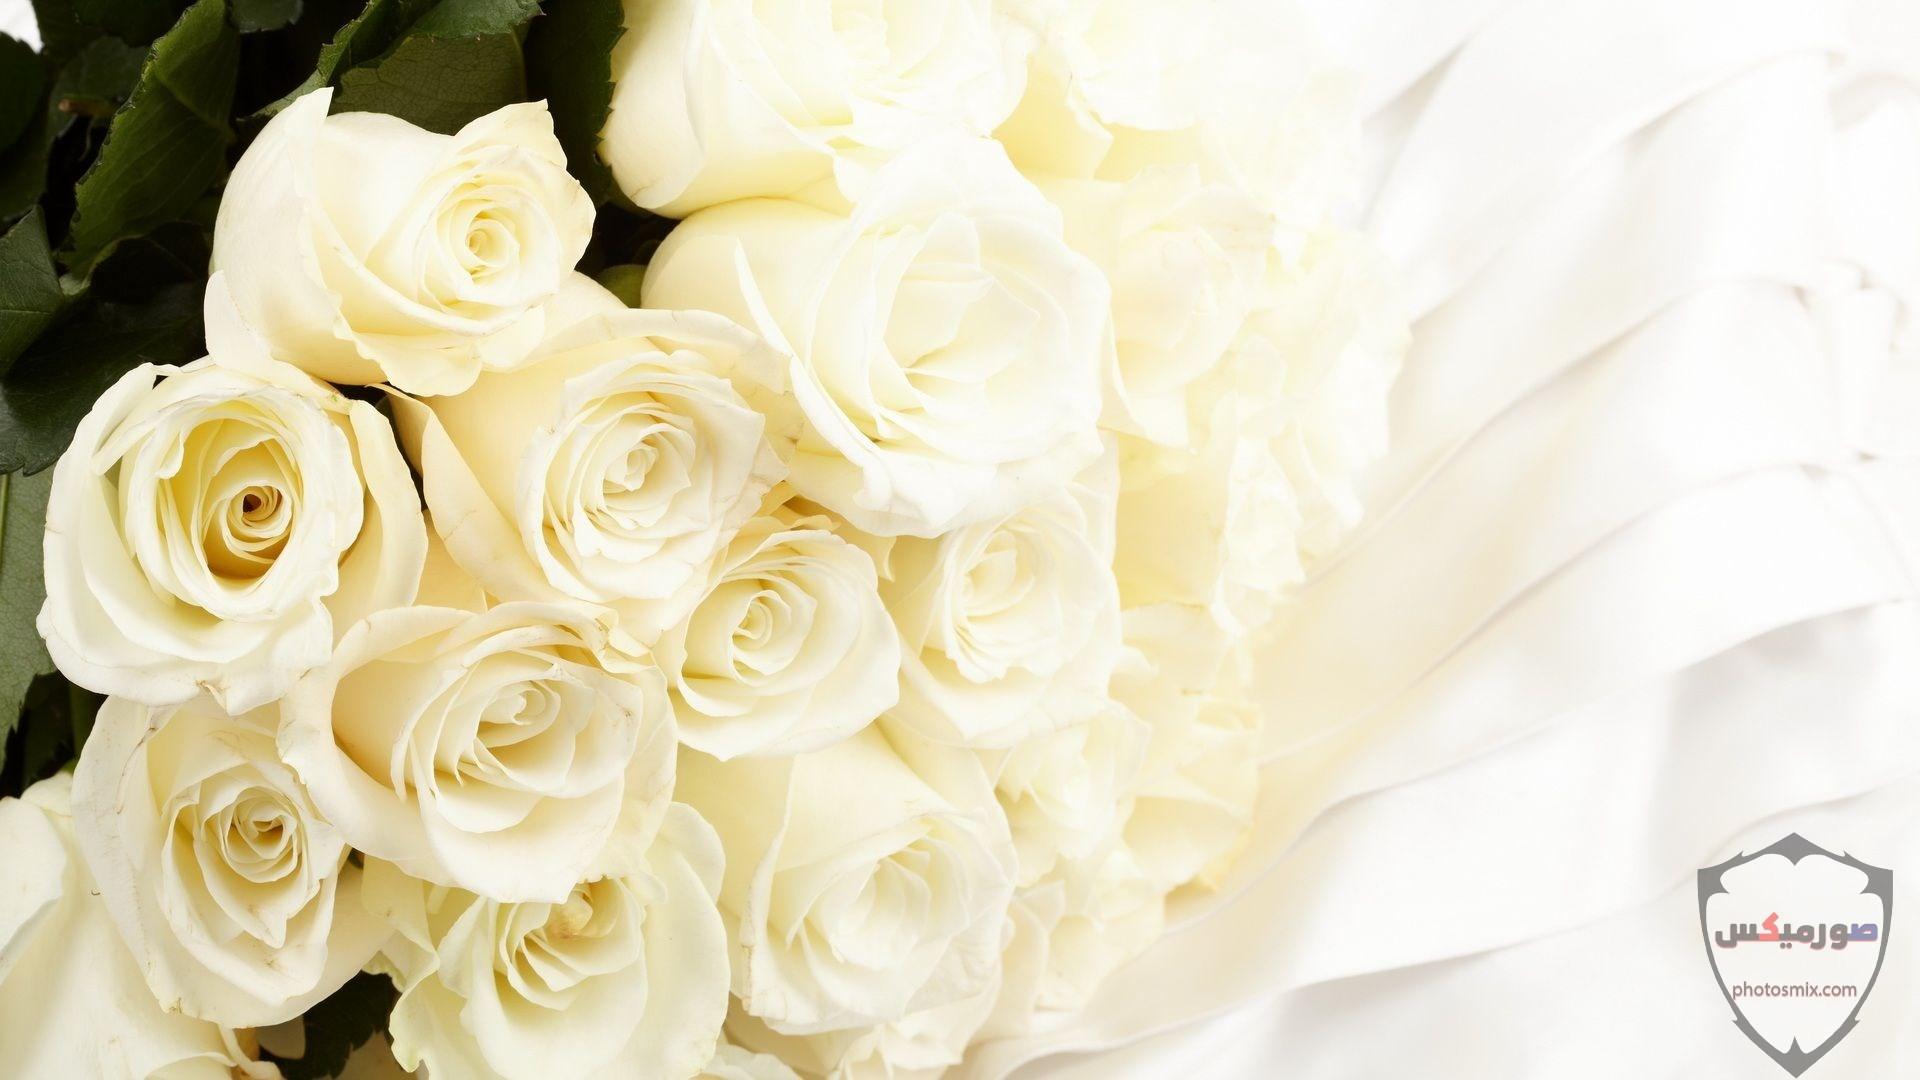 خواطر رائعة عن الورود 7 1